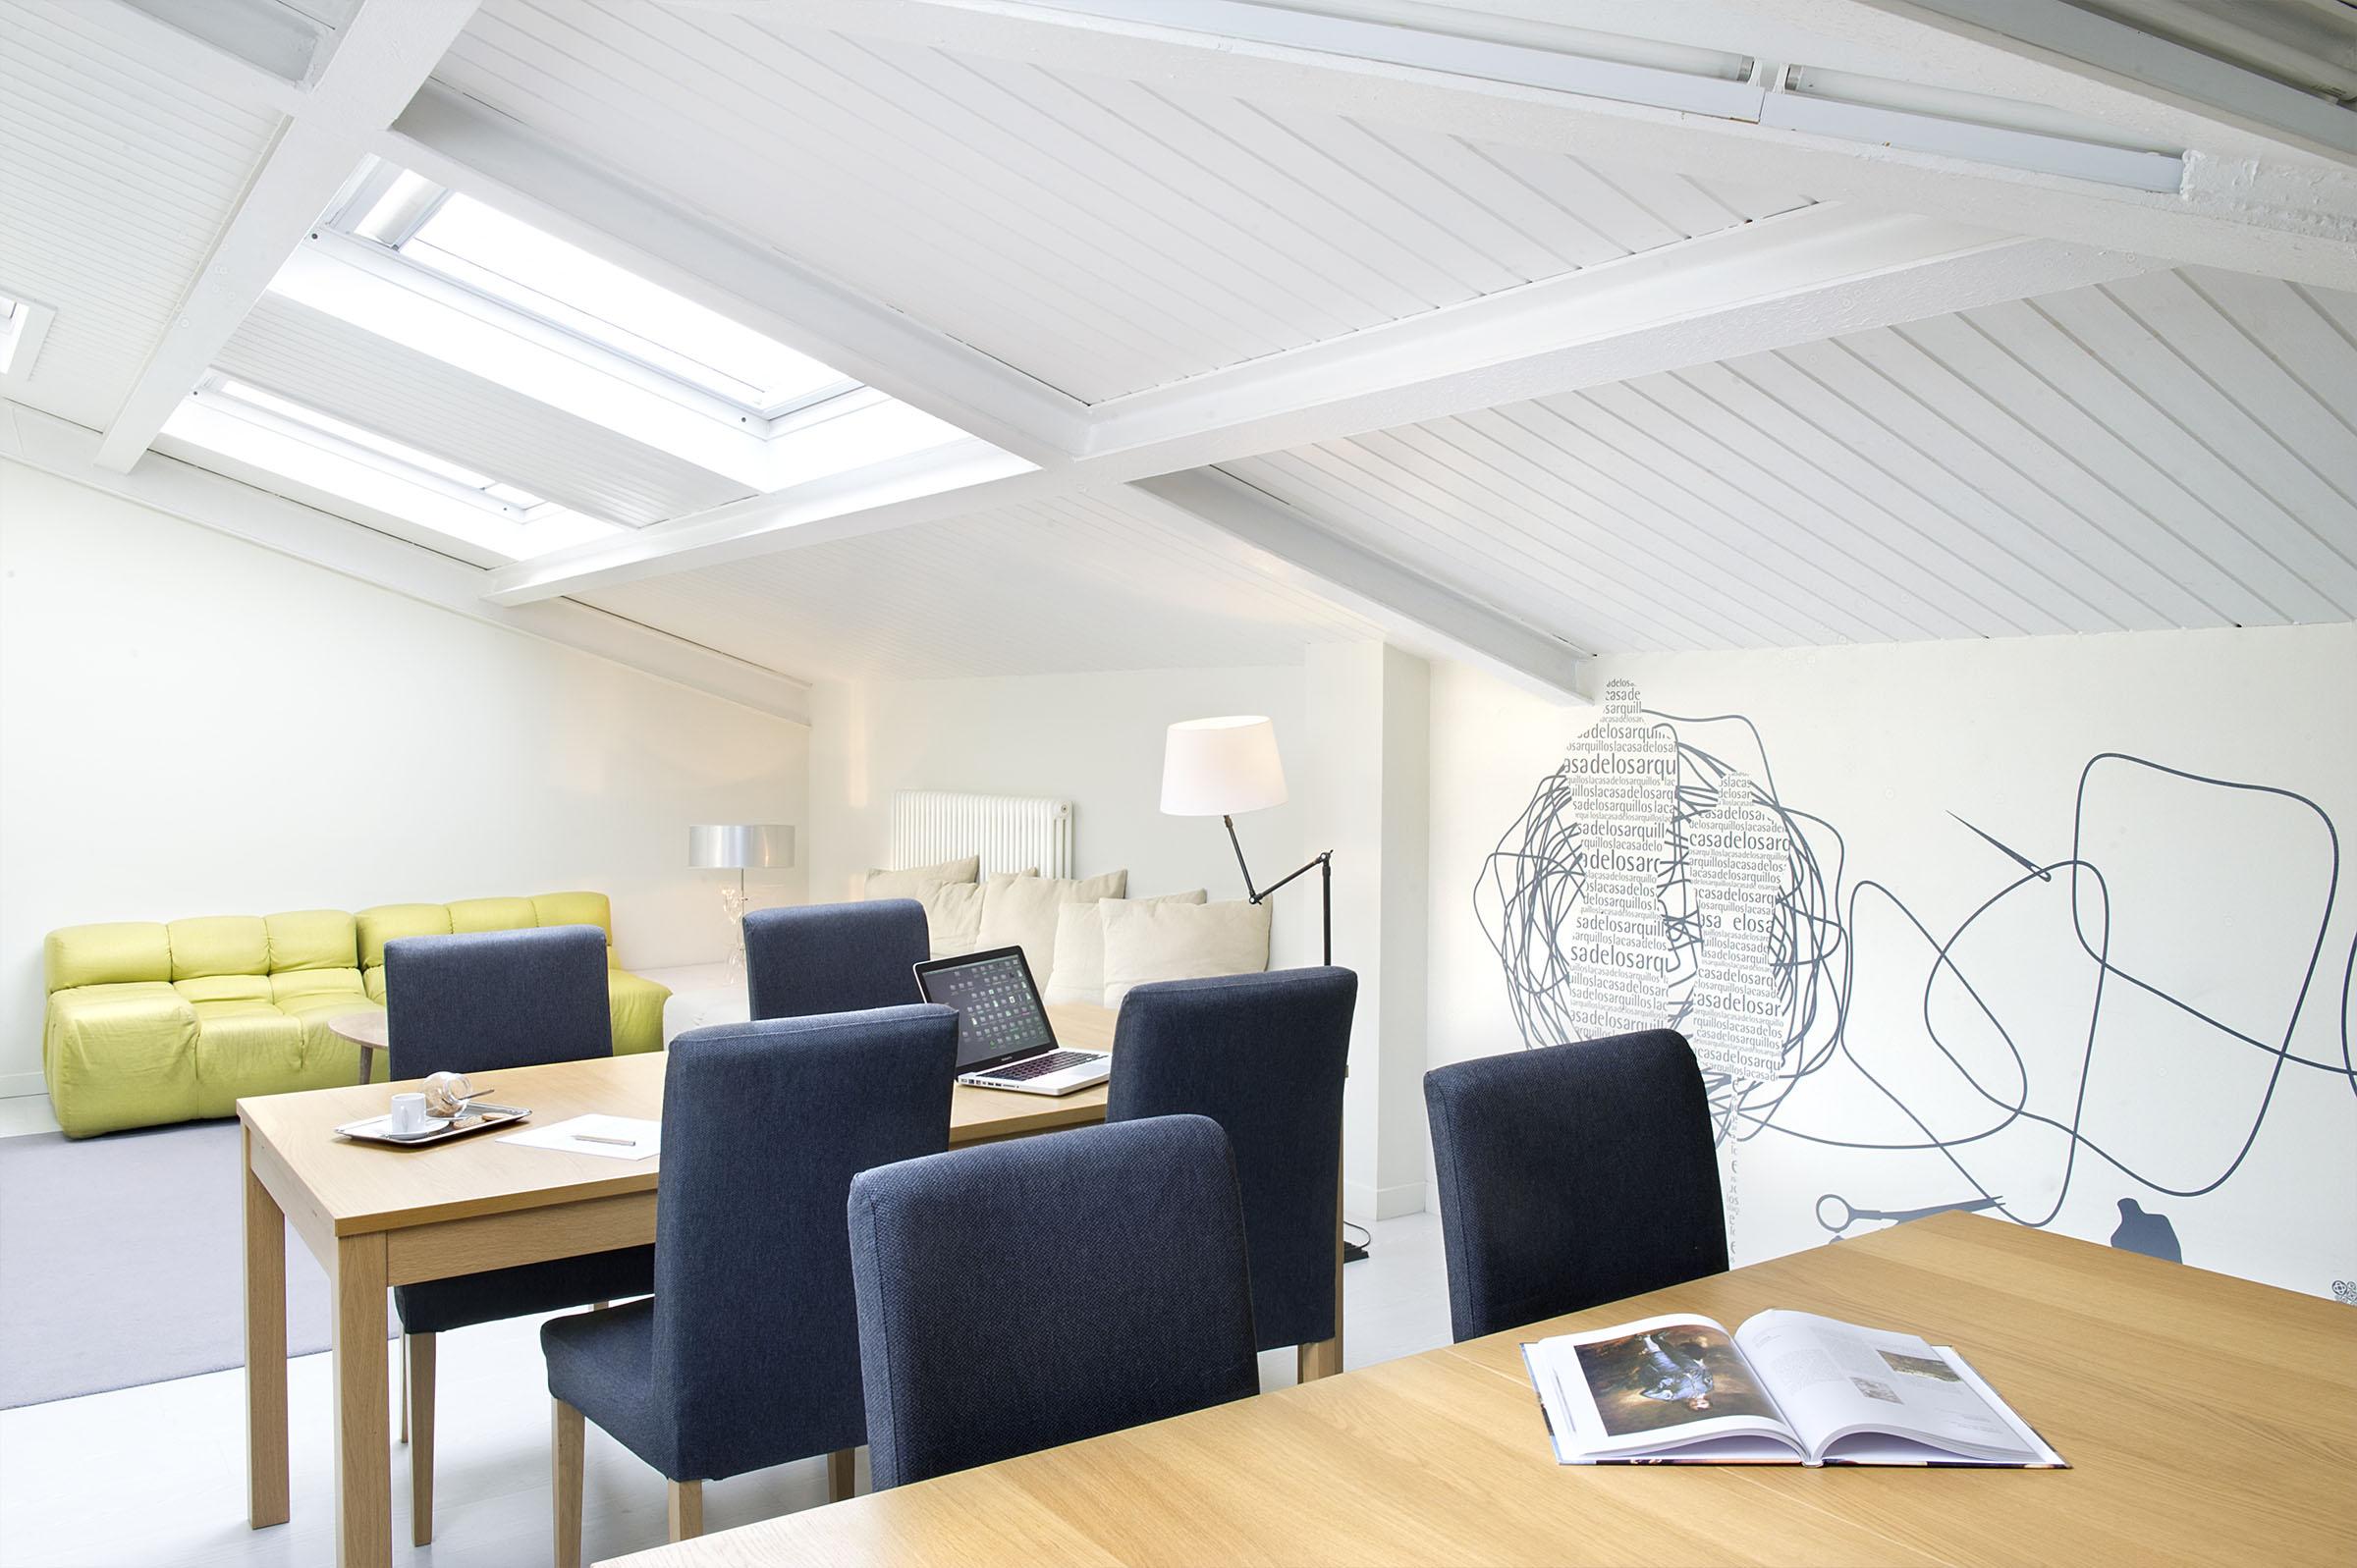 Espacio de trabajo y reunión 4